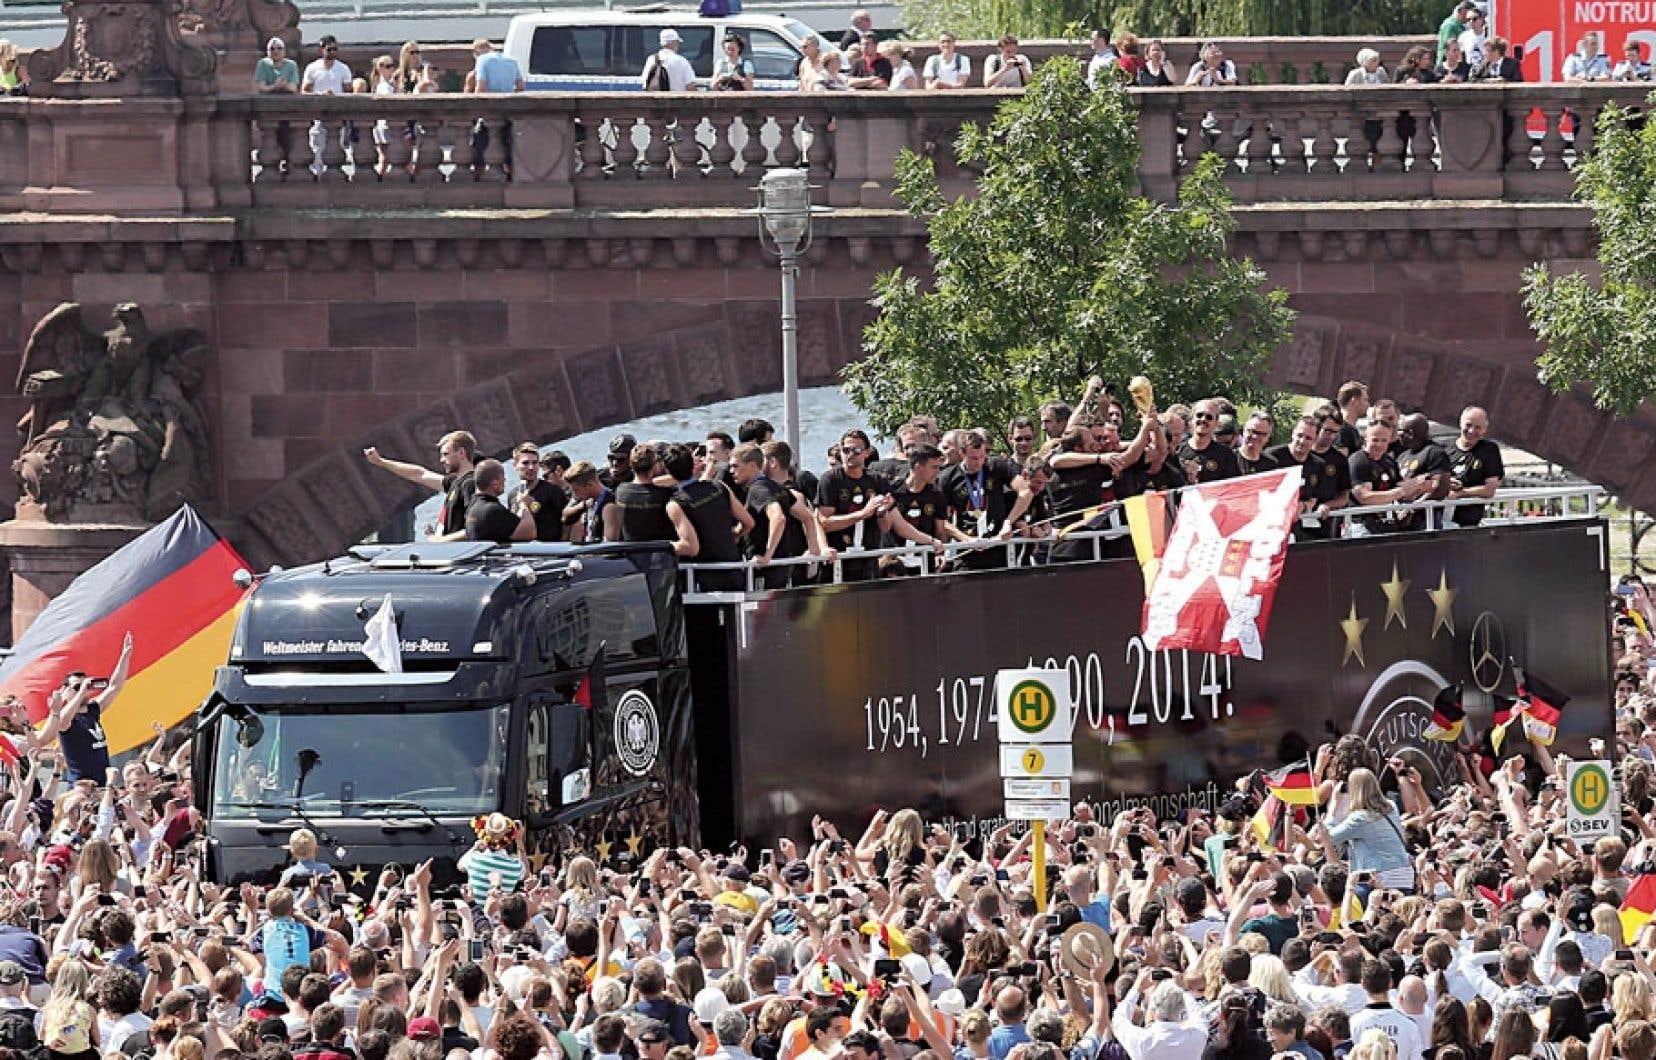 Quelque 400 000 personnes ont bruyamment acclamé mardi à Berlin les membres de l'équipe d'Allemagne de soccer, gagnante de la Coupe du monde pour la quatrième fois de l'histoire à la suite de sa victoire contre l'Argentine dimanche.